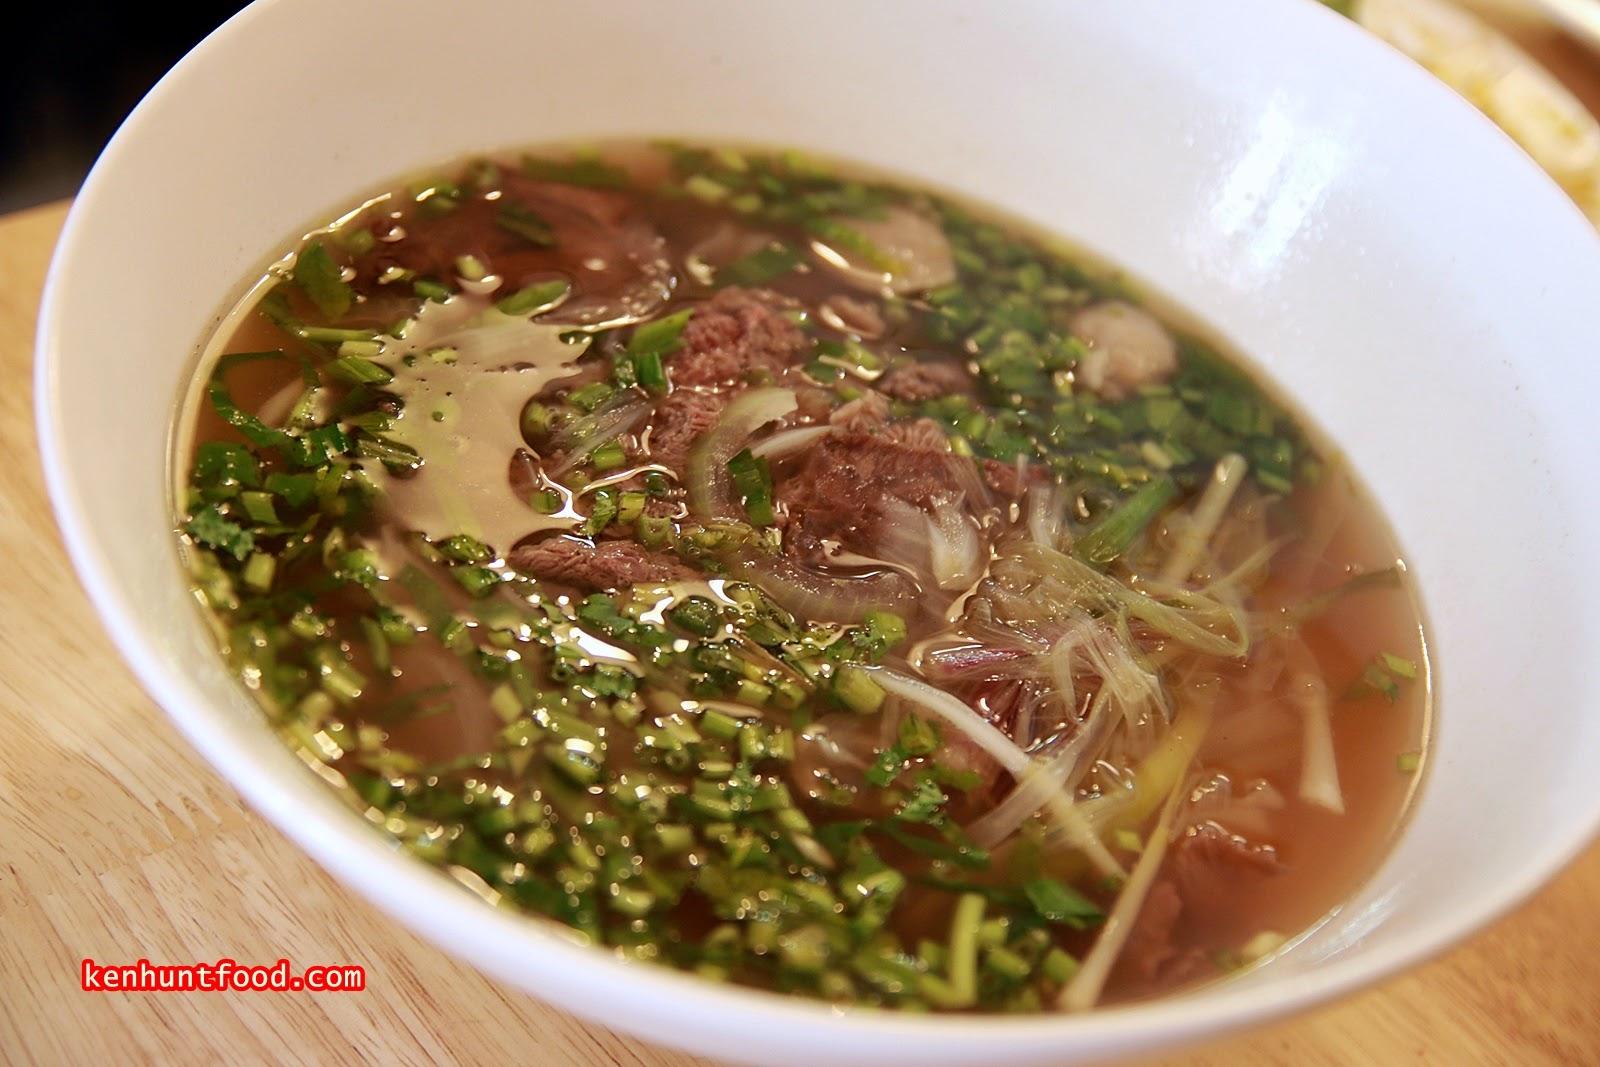 Ken Hunts Food: Pho Viet @ Beach Street, Georgetown, Penang